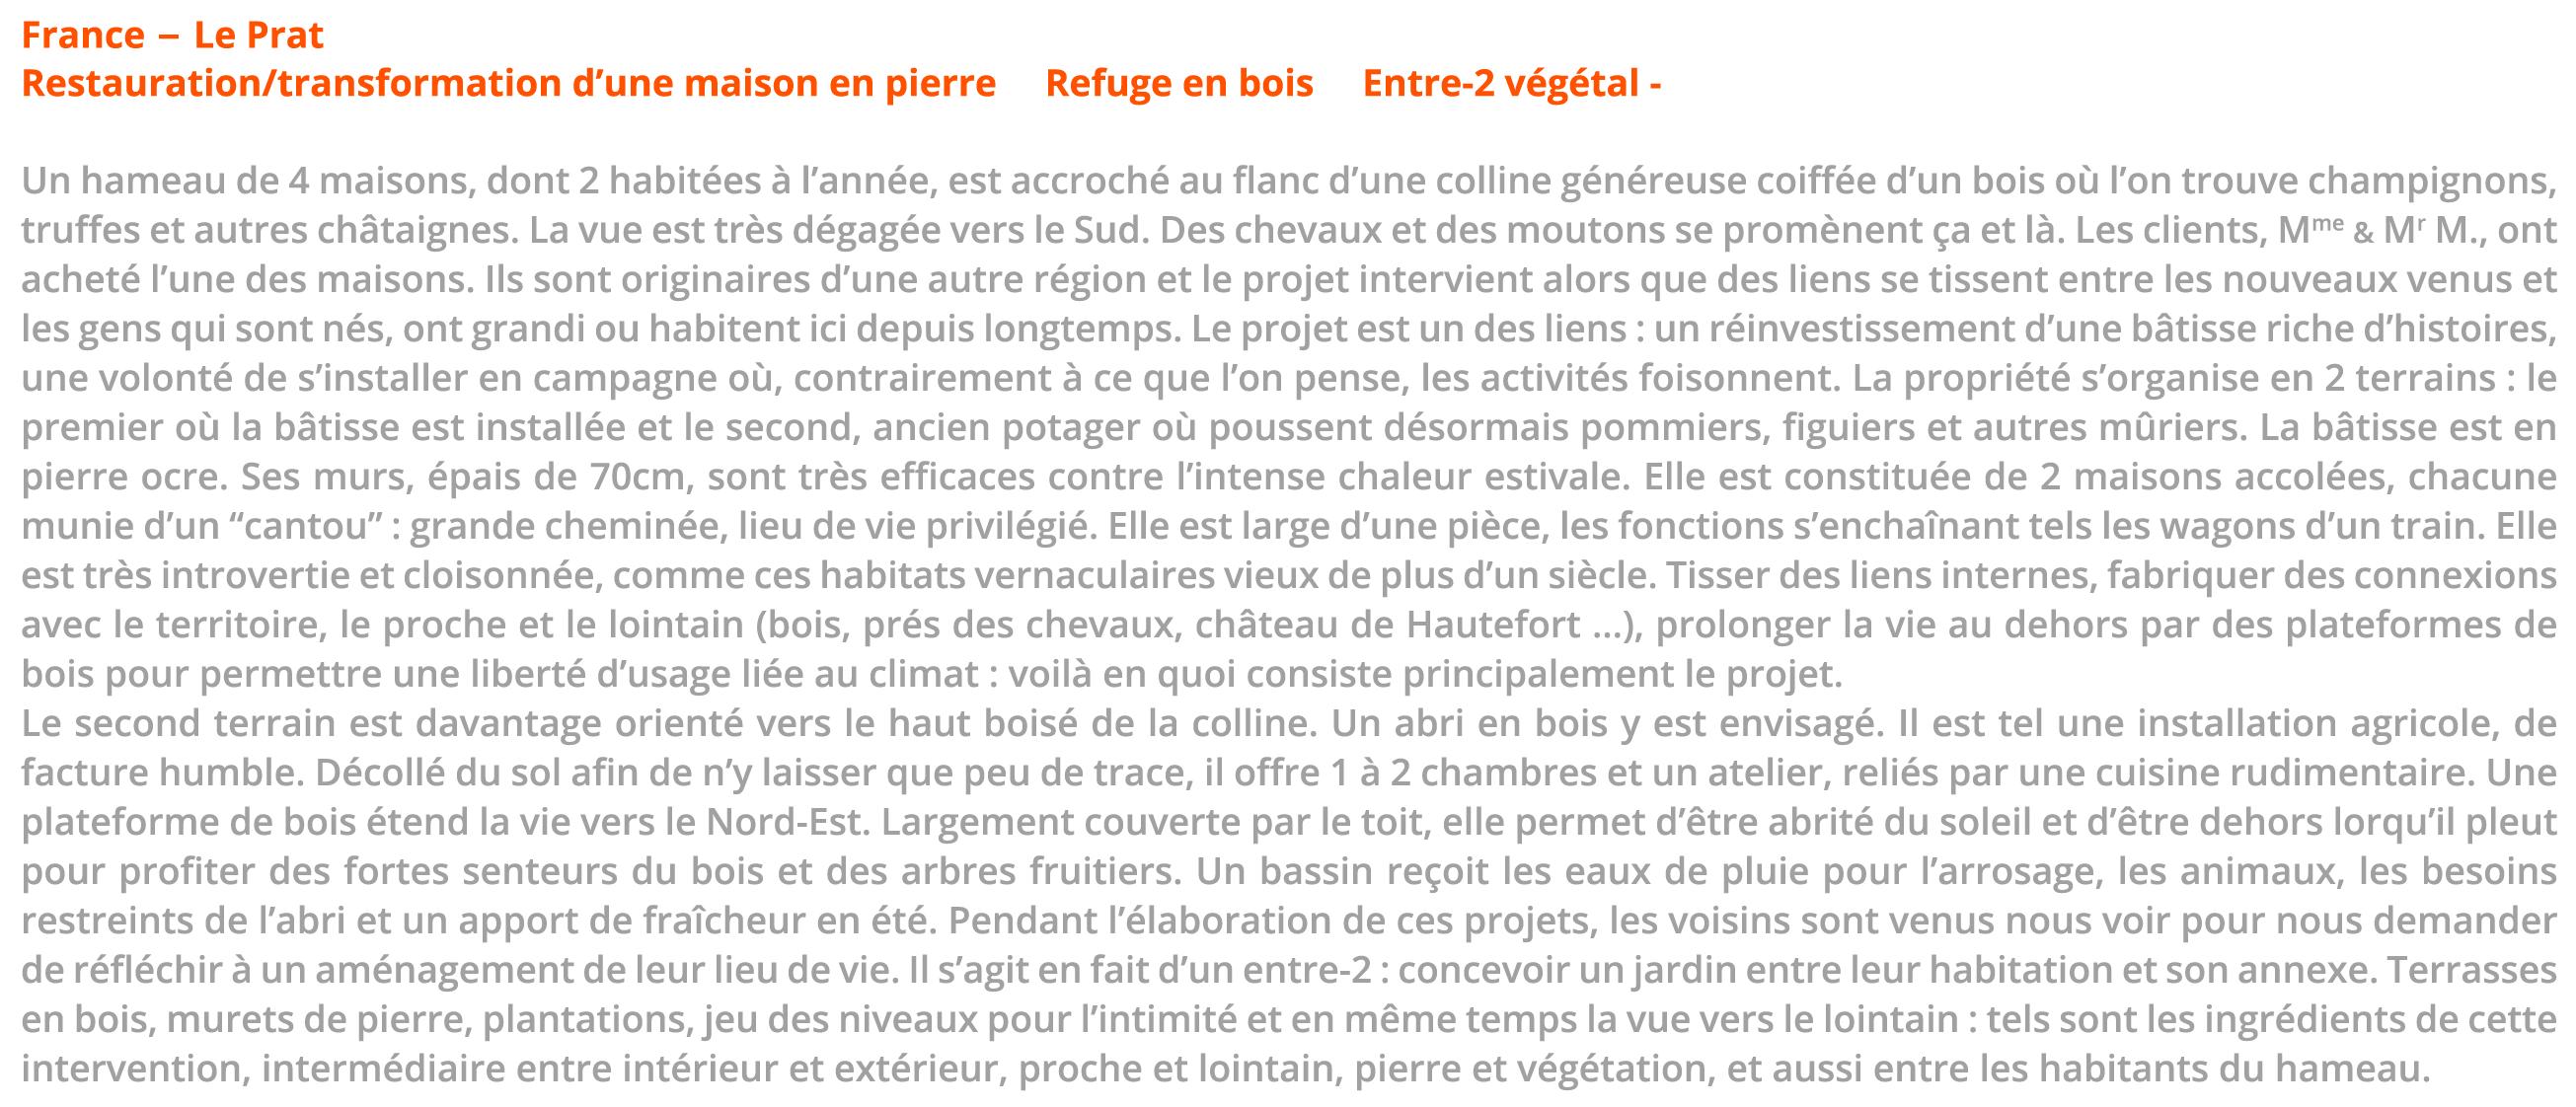 France-LePrat-Texte.png